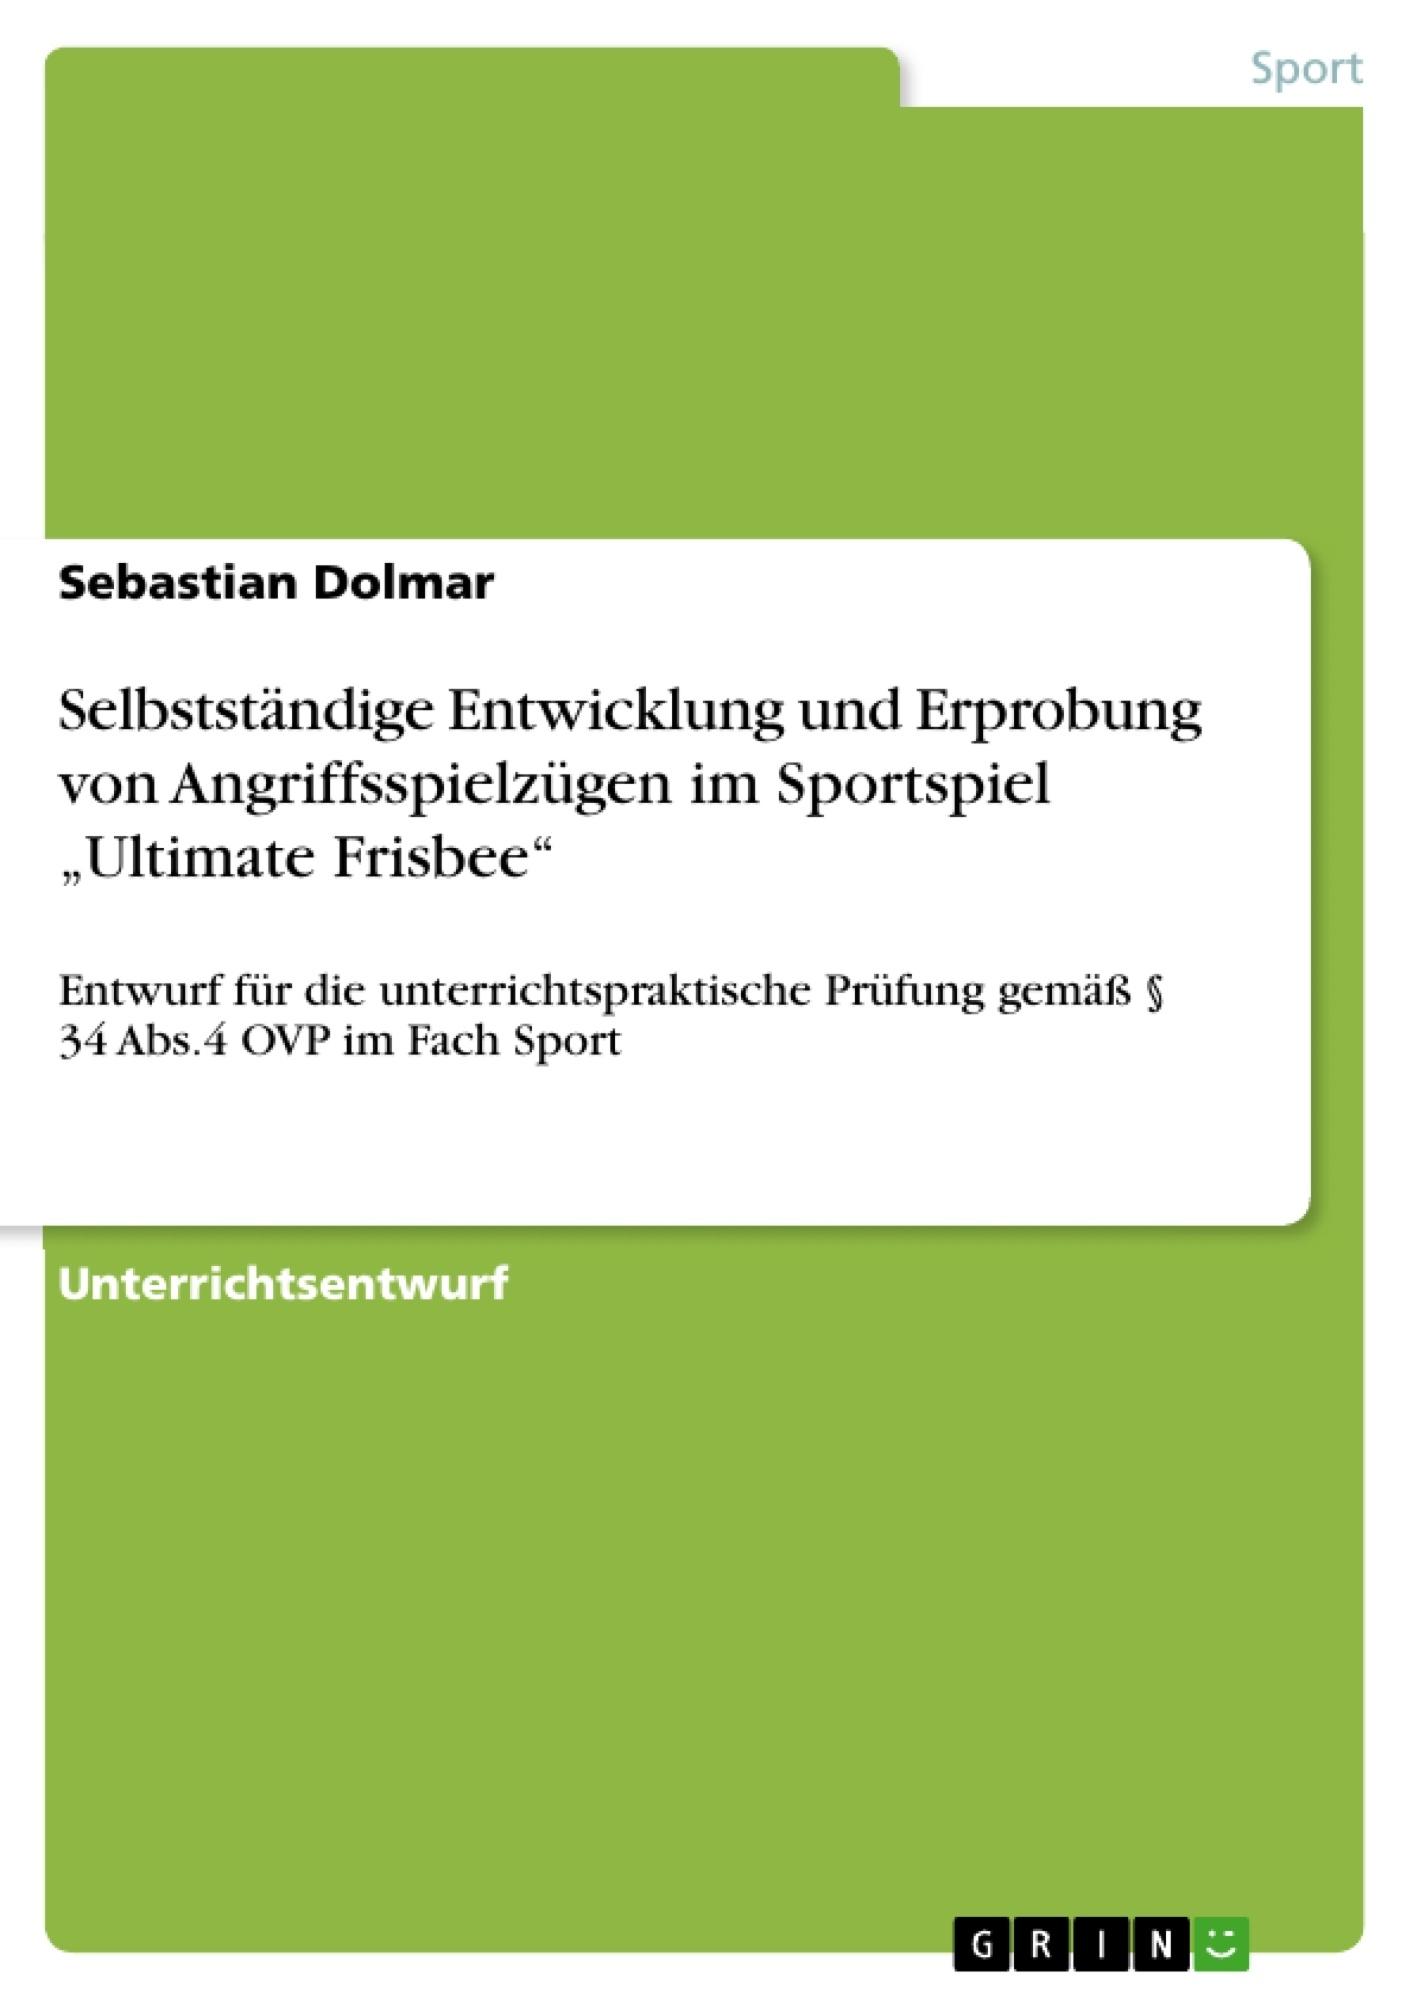 """Titel: Selbstständige Entwicklung und Erprobung von Angriffsspielzügen im Sportspiel """"Ultimate Frisbee"""""""